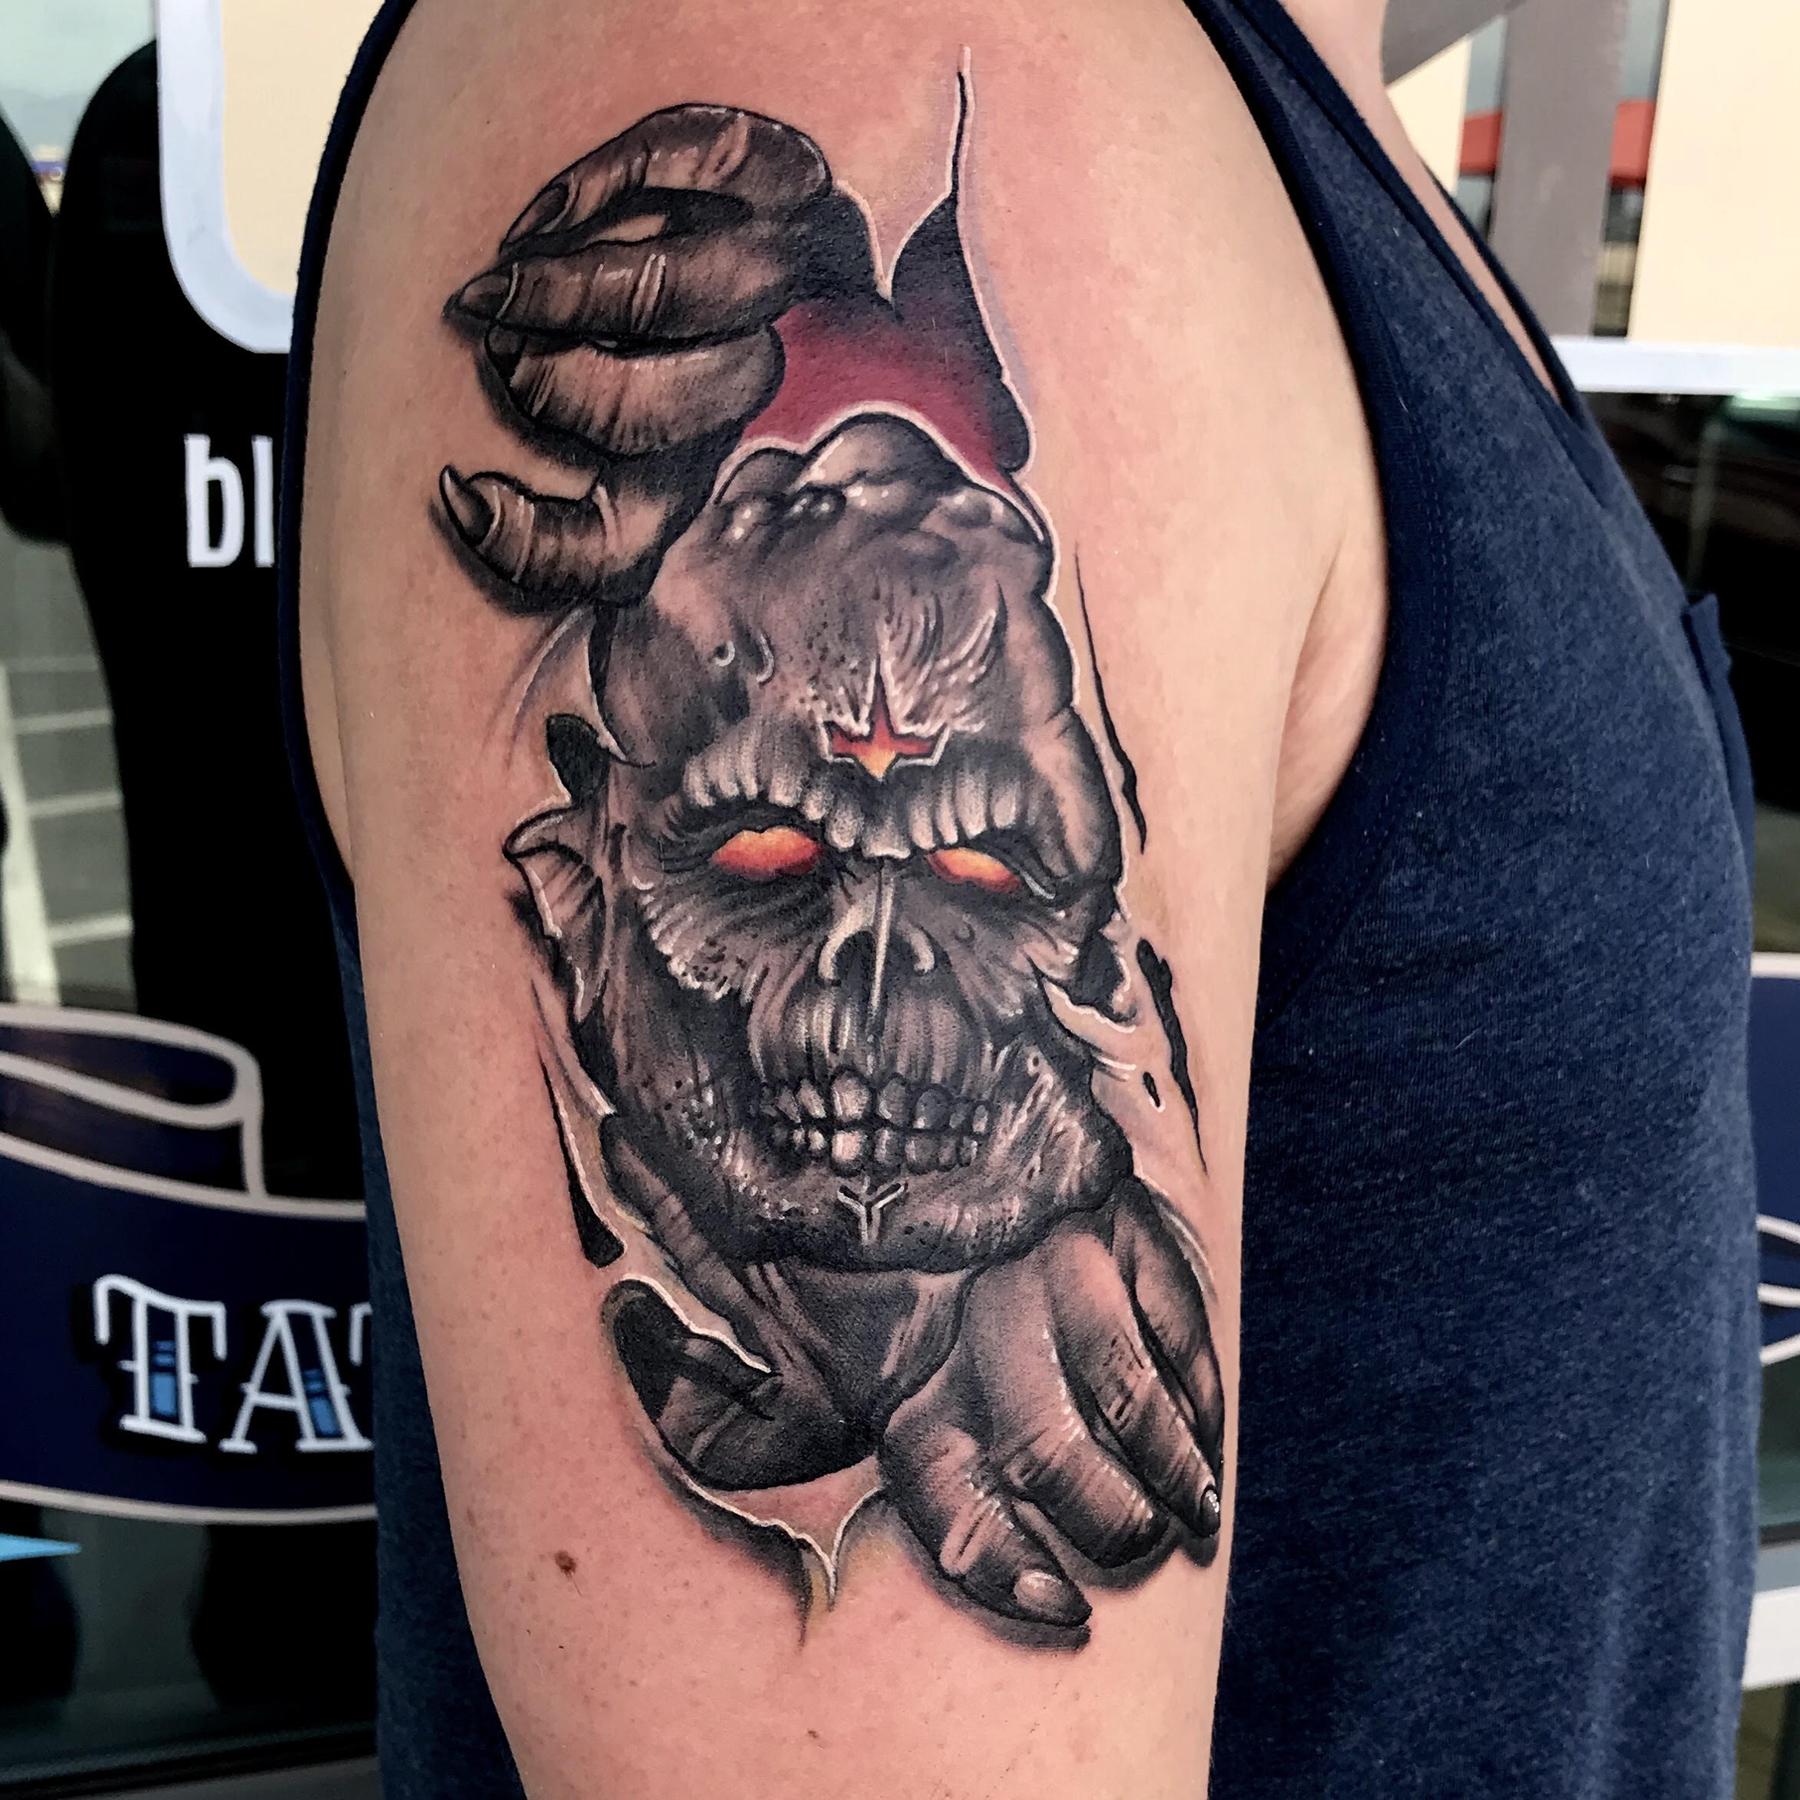 Midnight Creeper Tattoo by Krystof